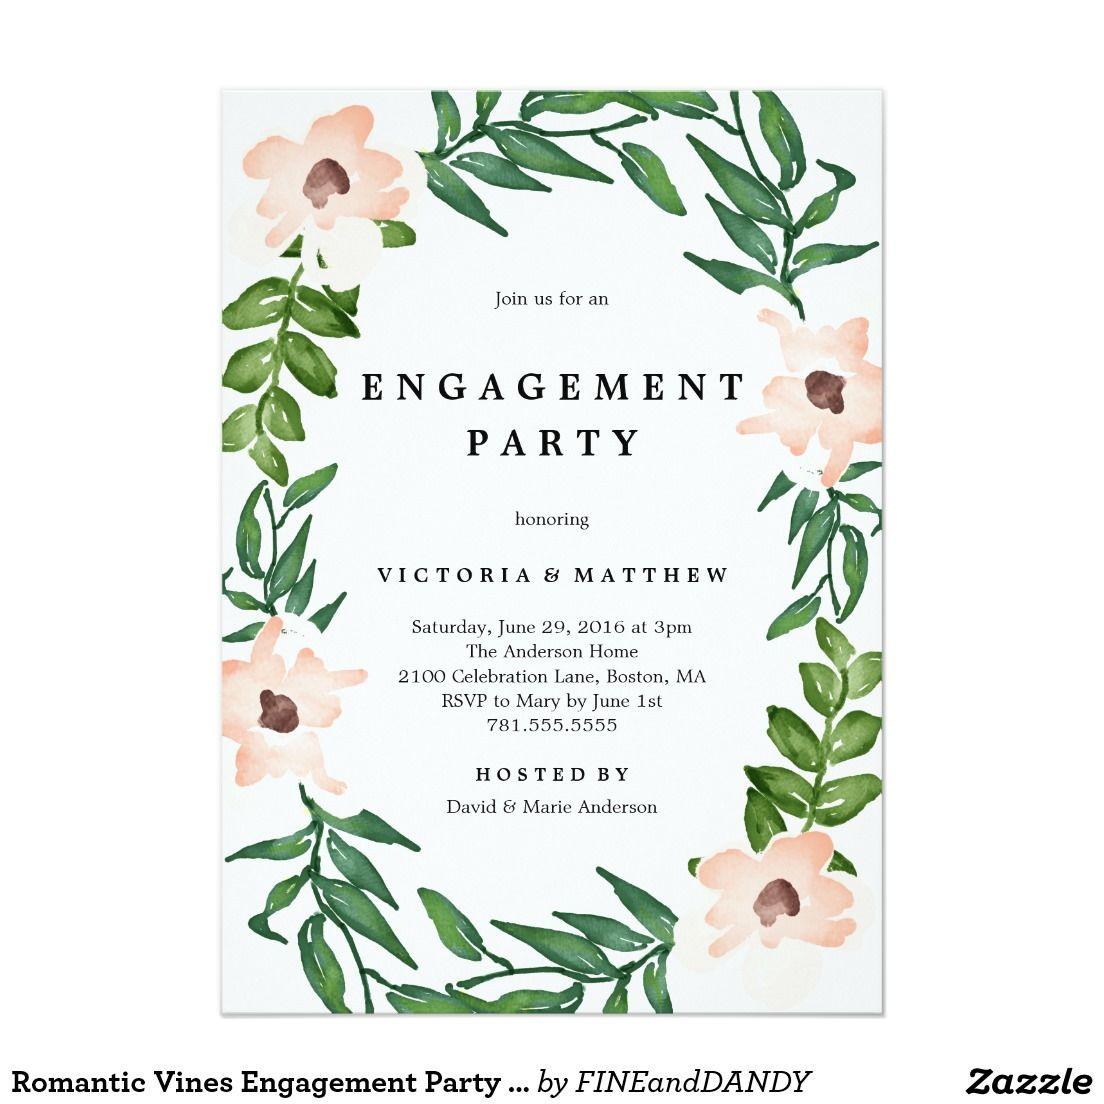 Romantic Vines Engagement Party Invitation   Engagement party ...